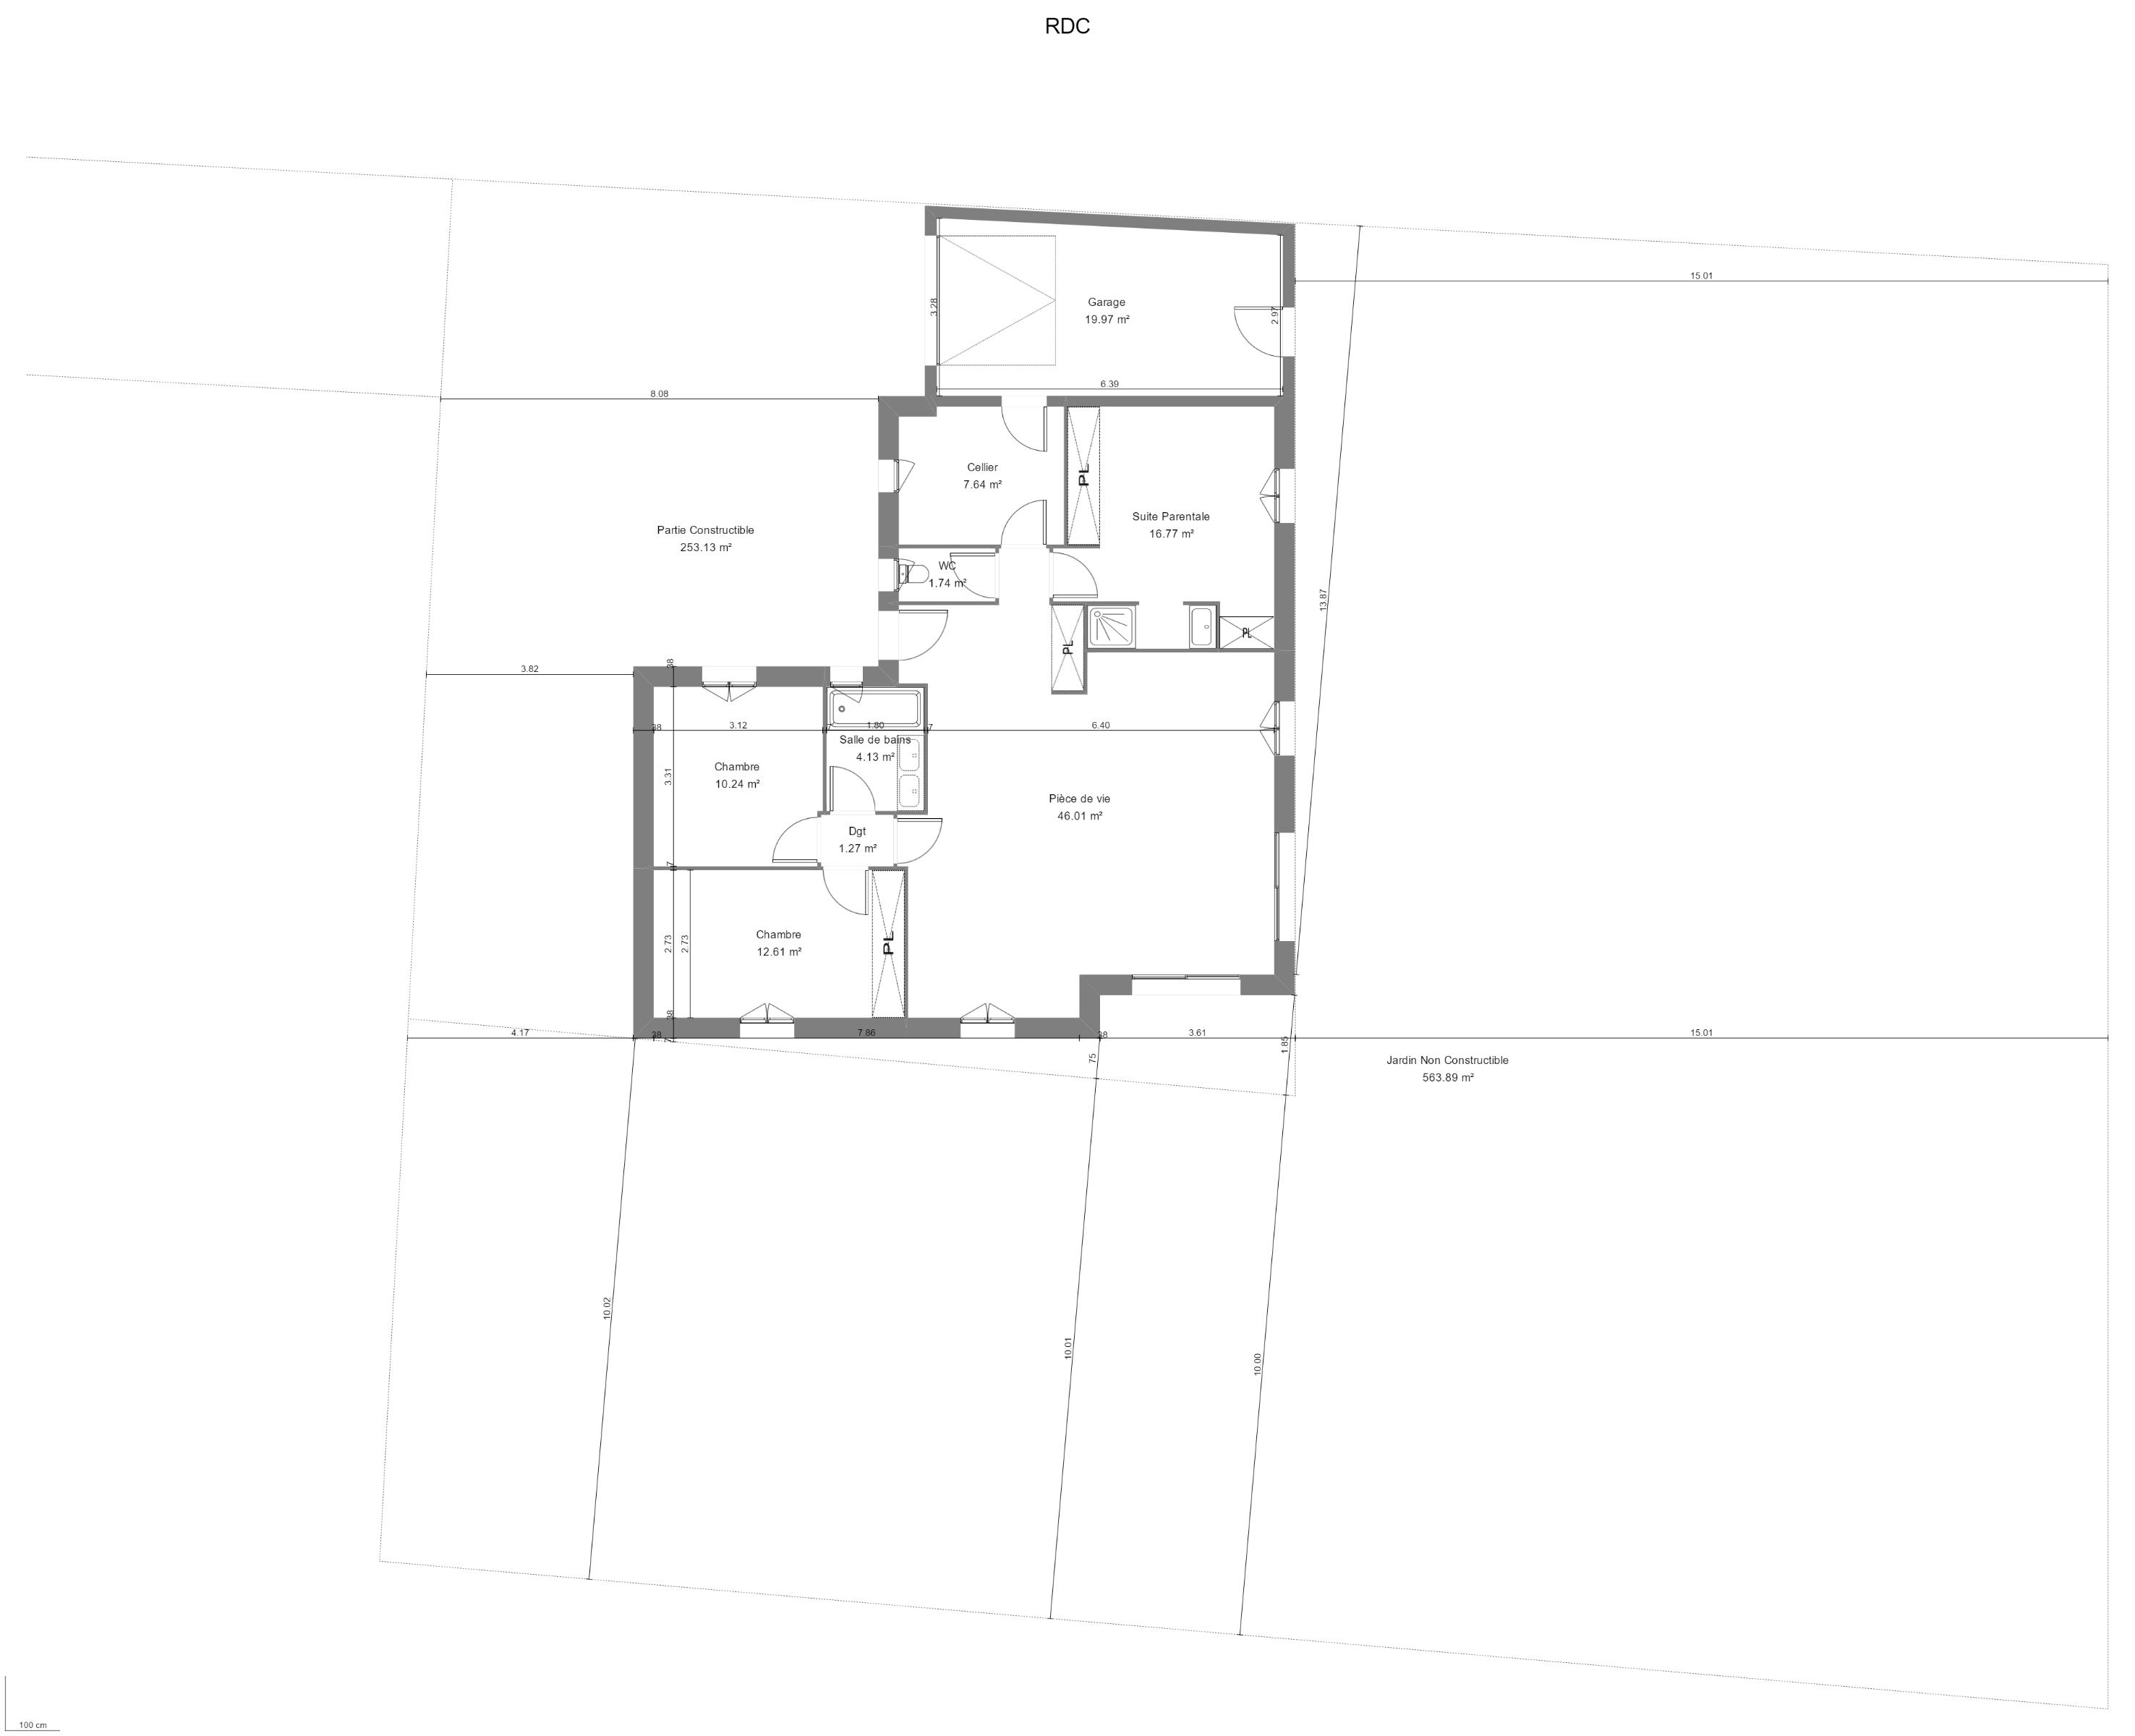 Maison 100m² + Terrain 1.088m² à Vertou - Implantation sur la Parcelle